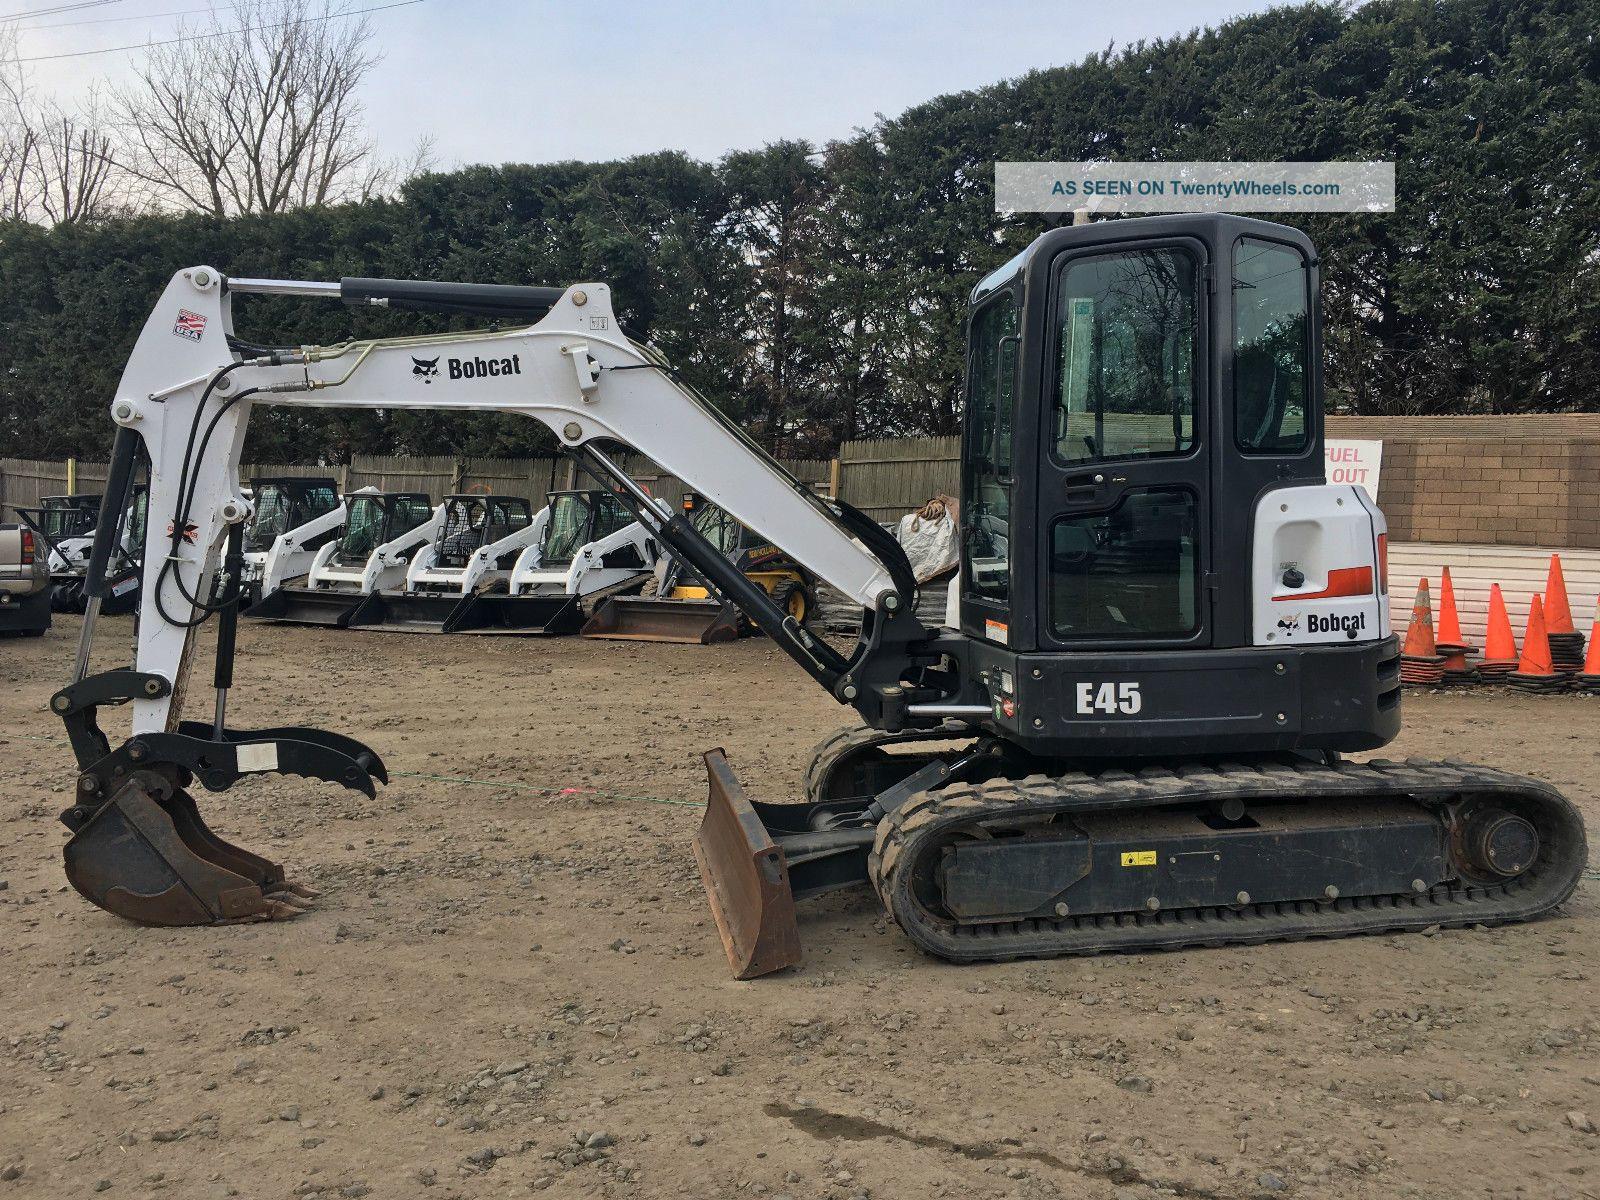 2014 Bobcat E45 Mini Excavator Excavators photo